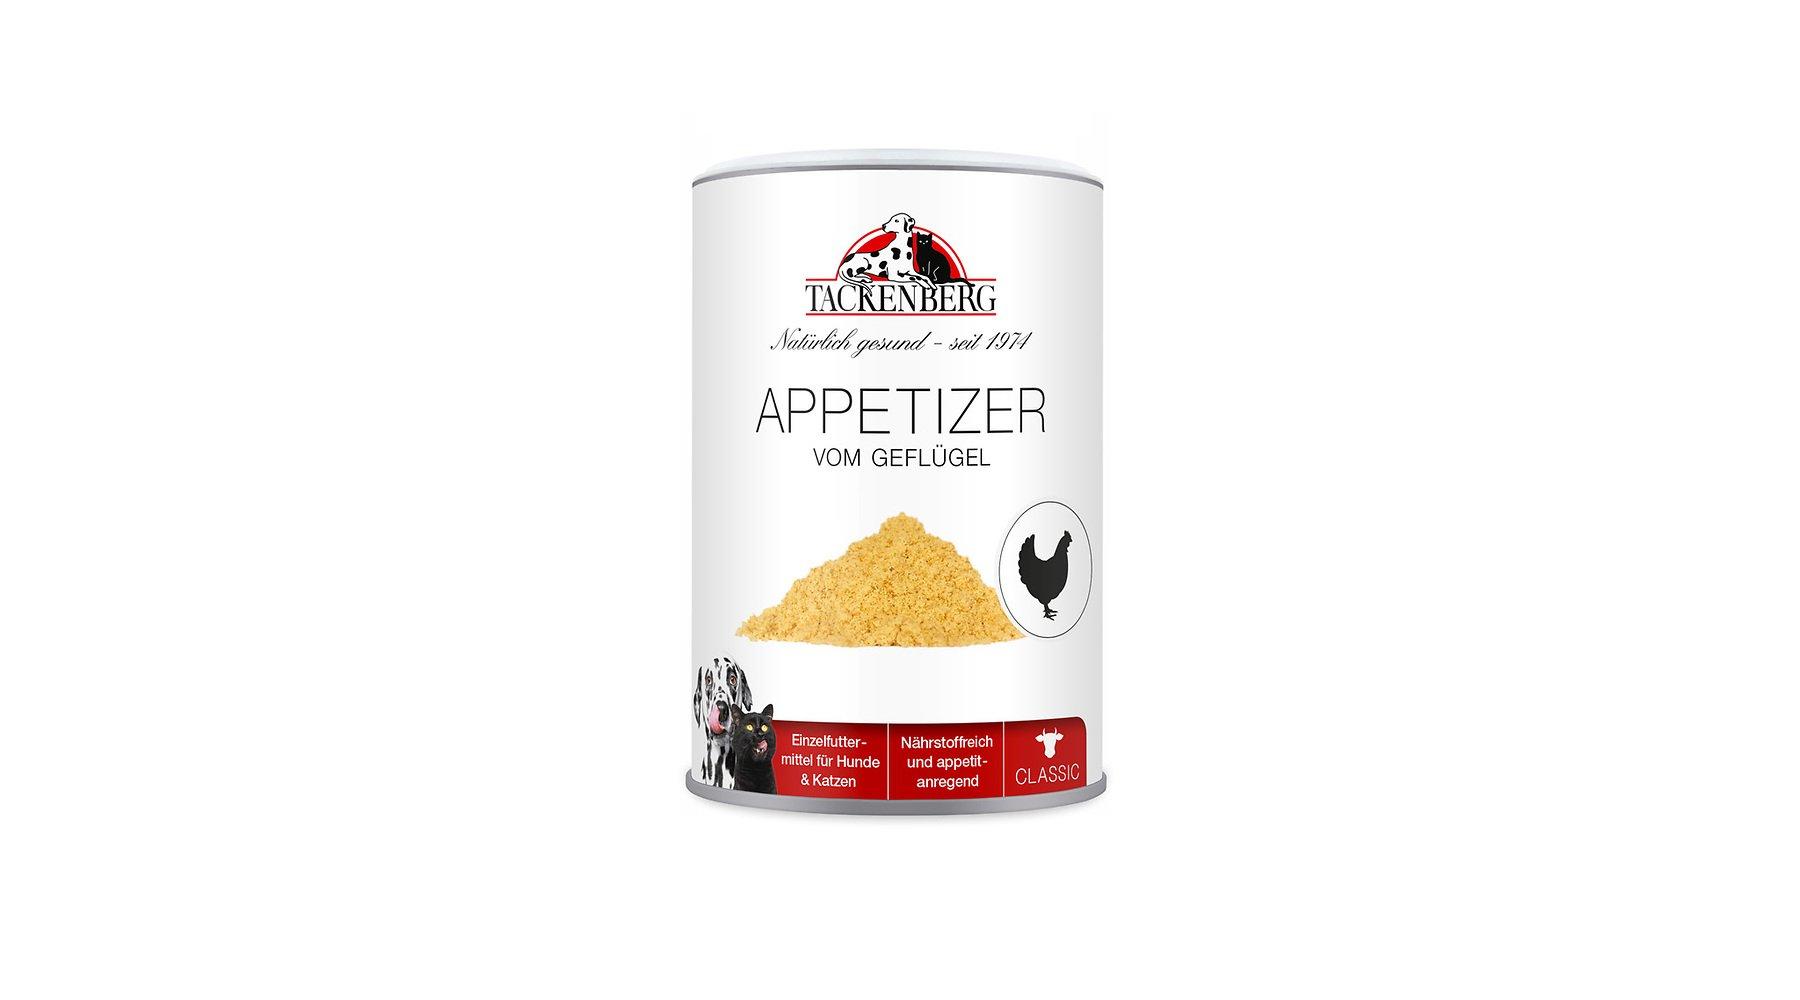 Appetizer vom Geflügel